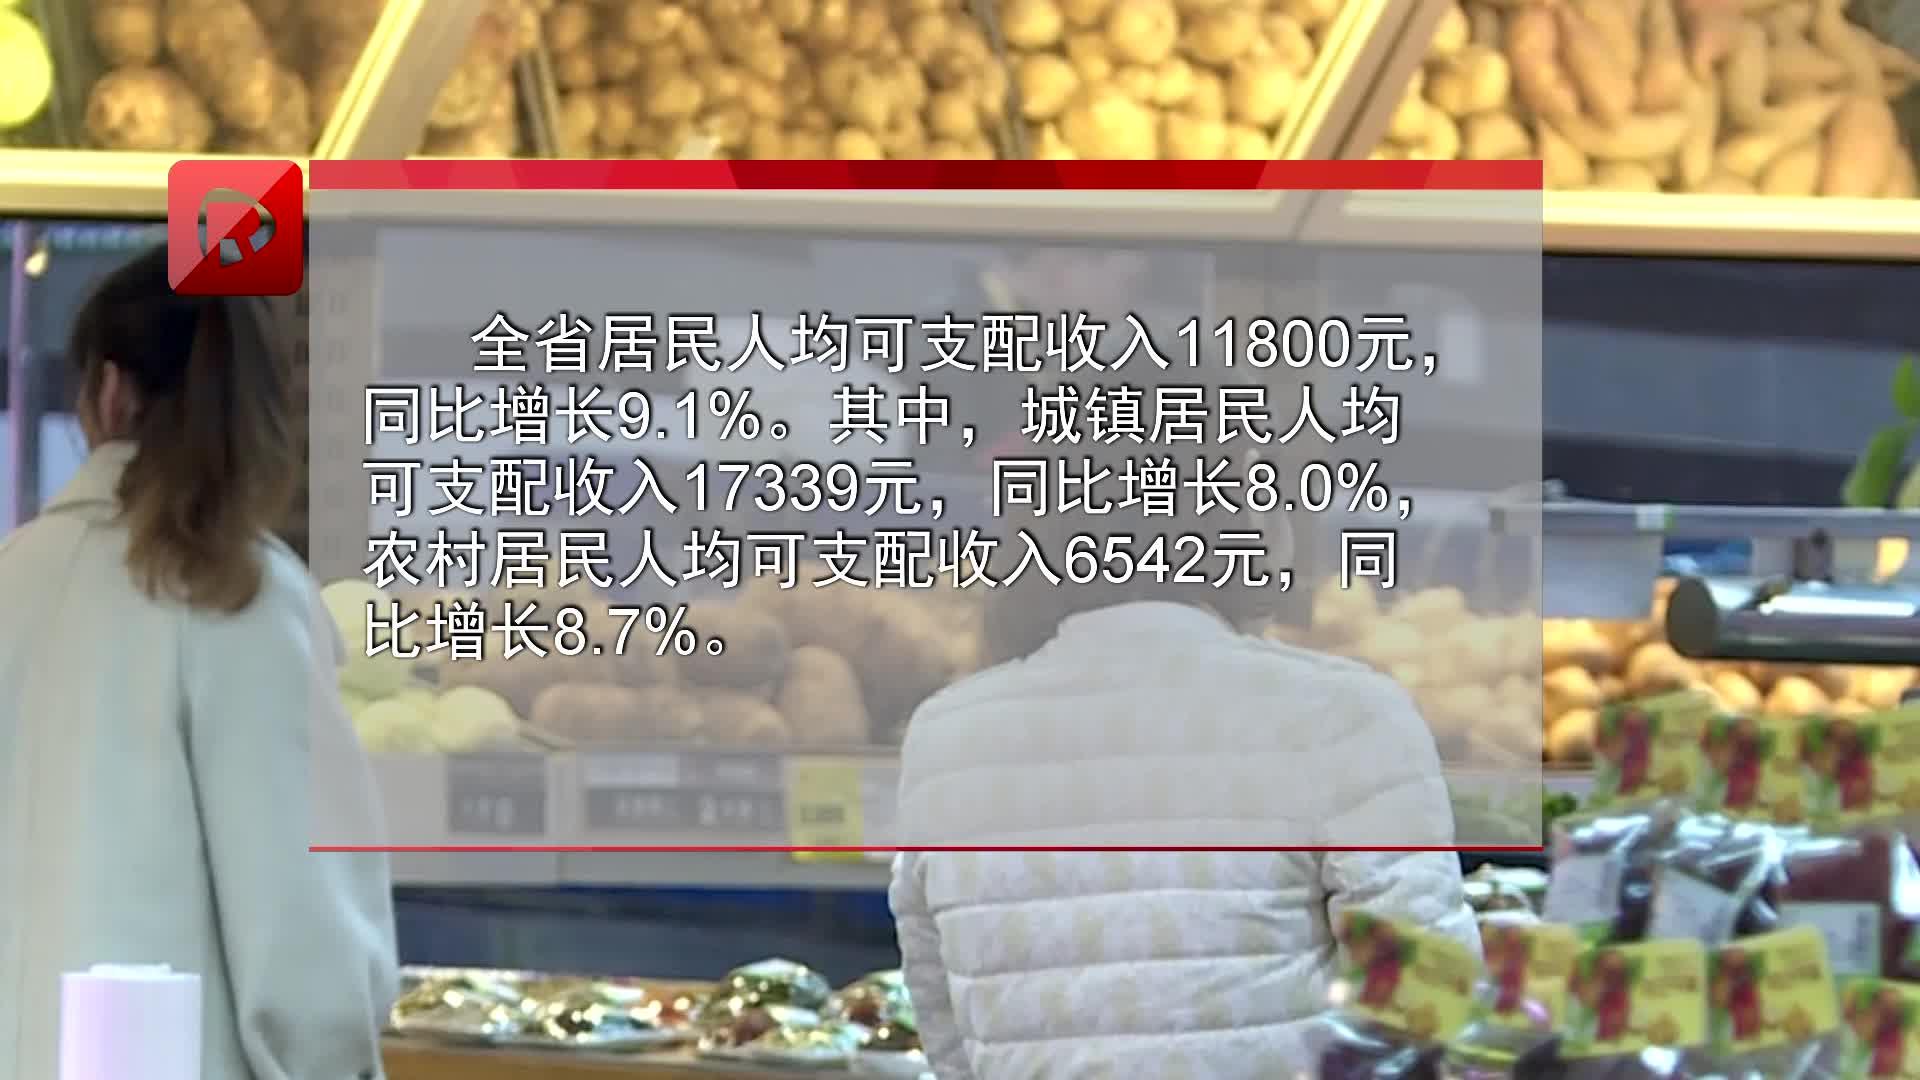 上半年湖南居民人均可支配收入11800元 同比增长9.1%